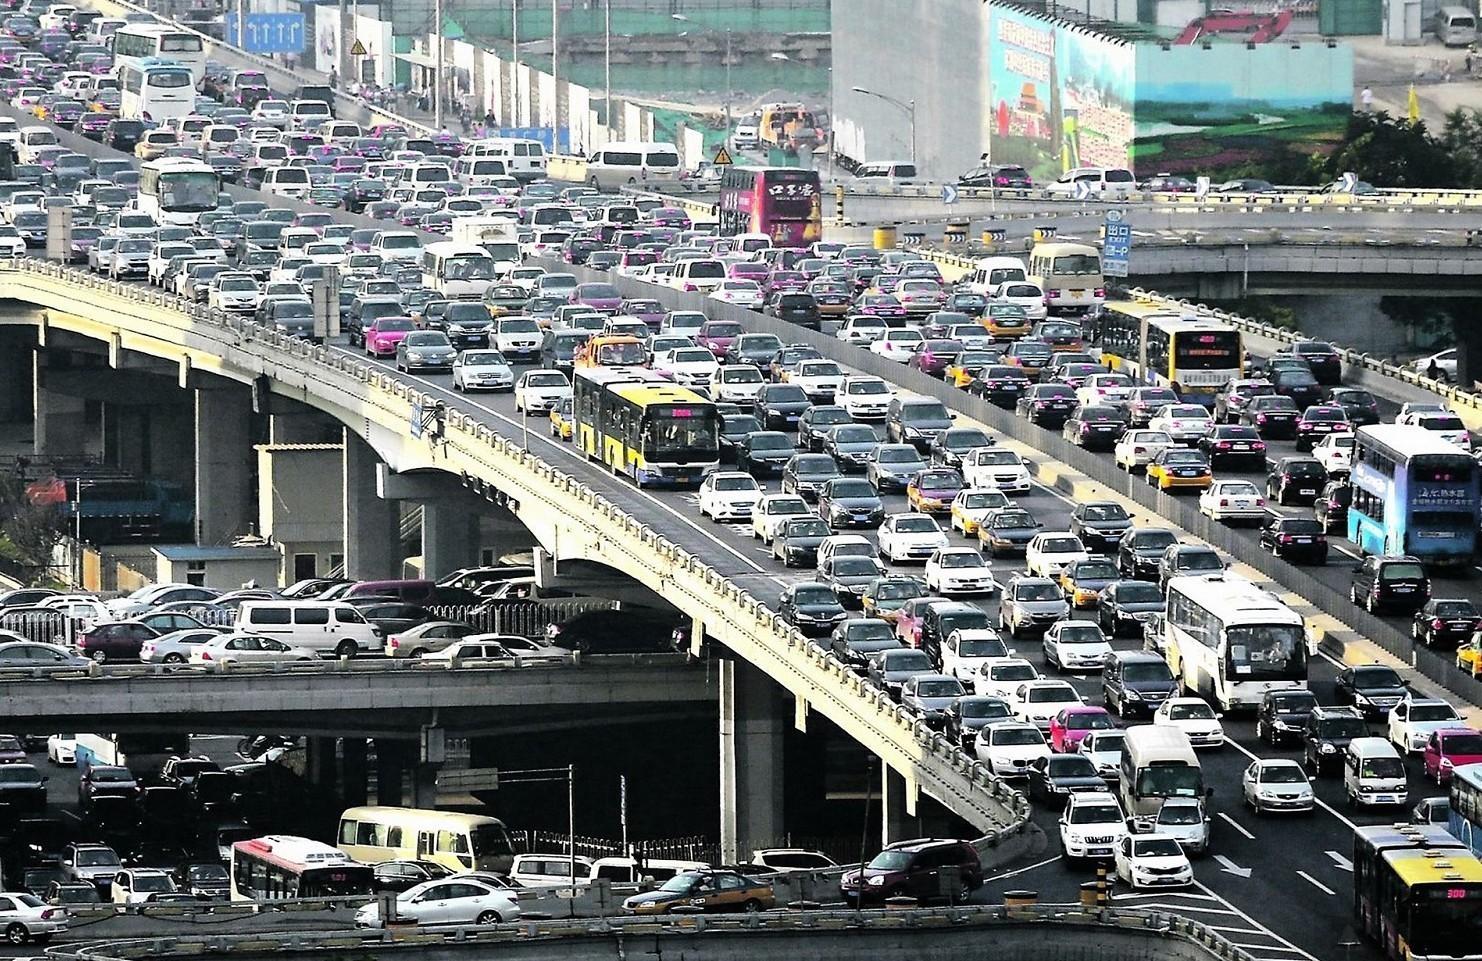 Auto elettriche e inquinamento, esperti